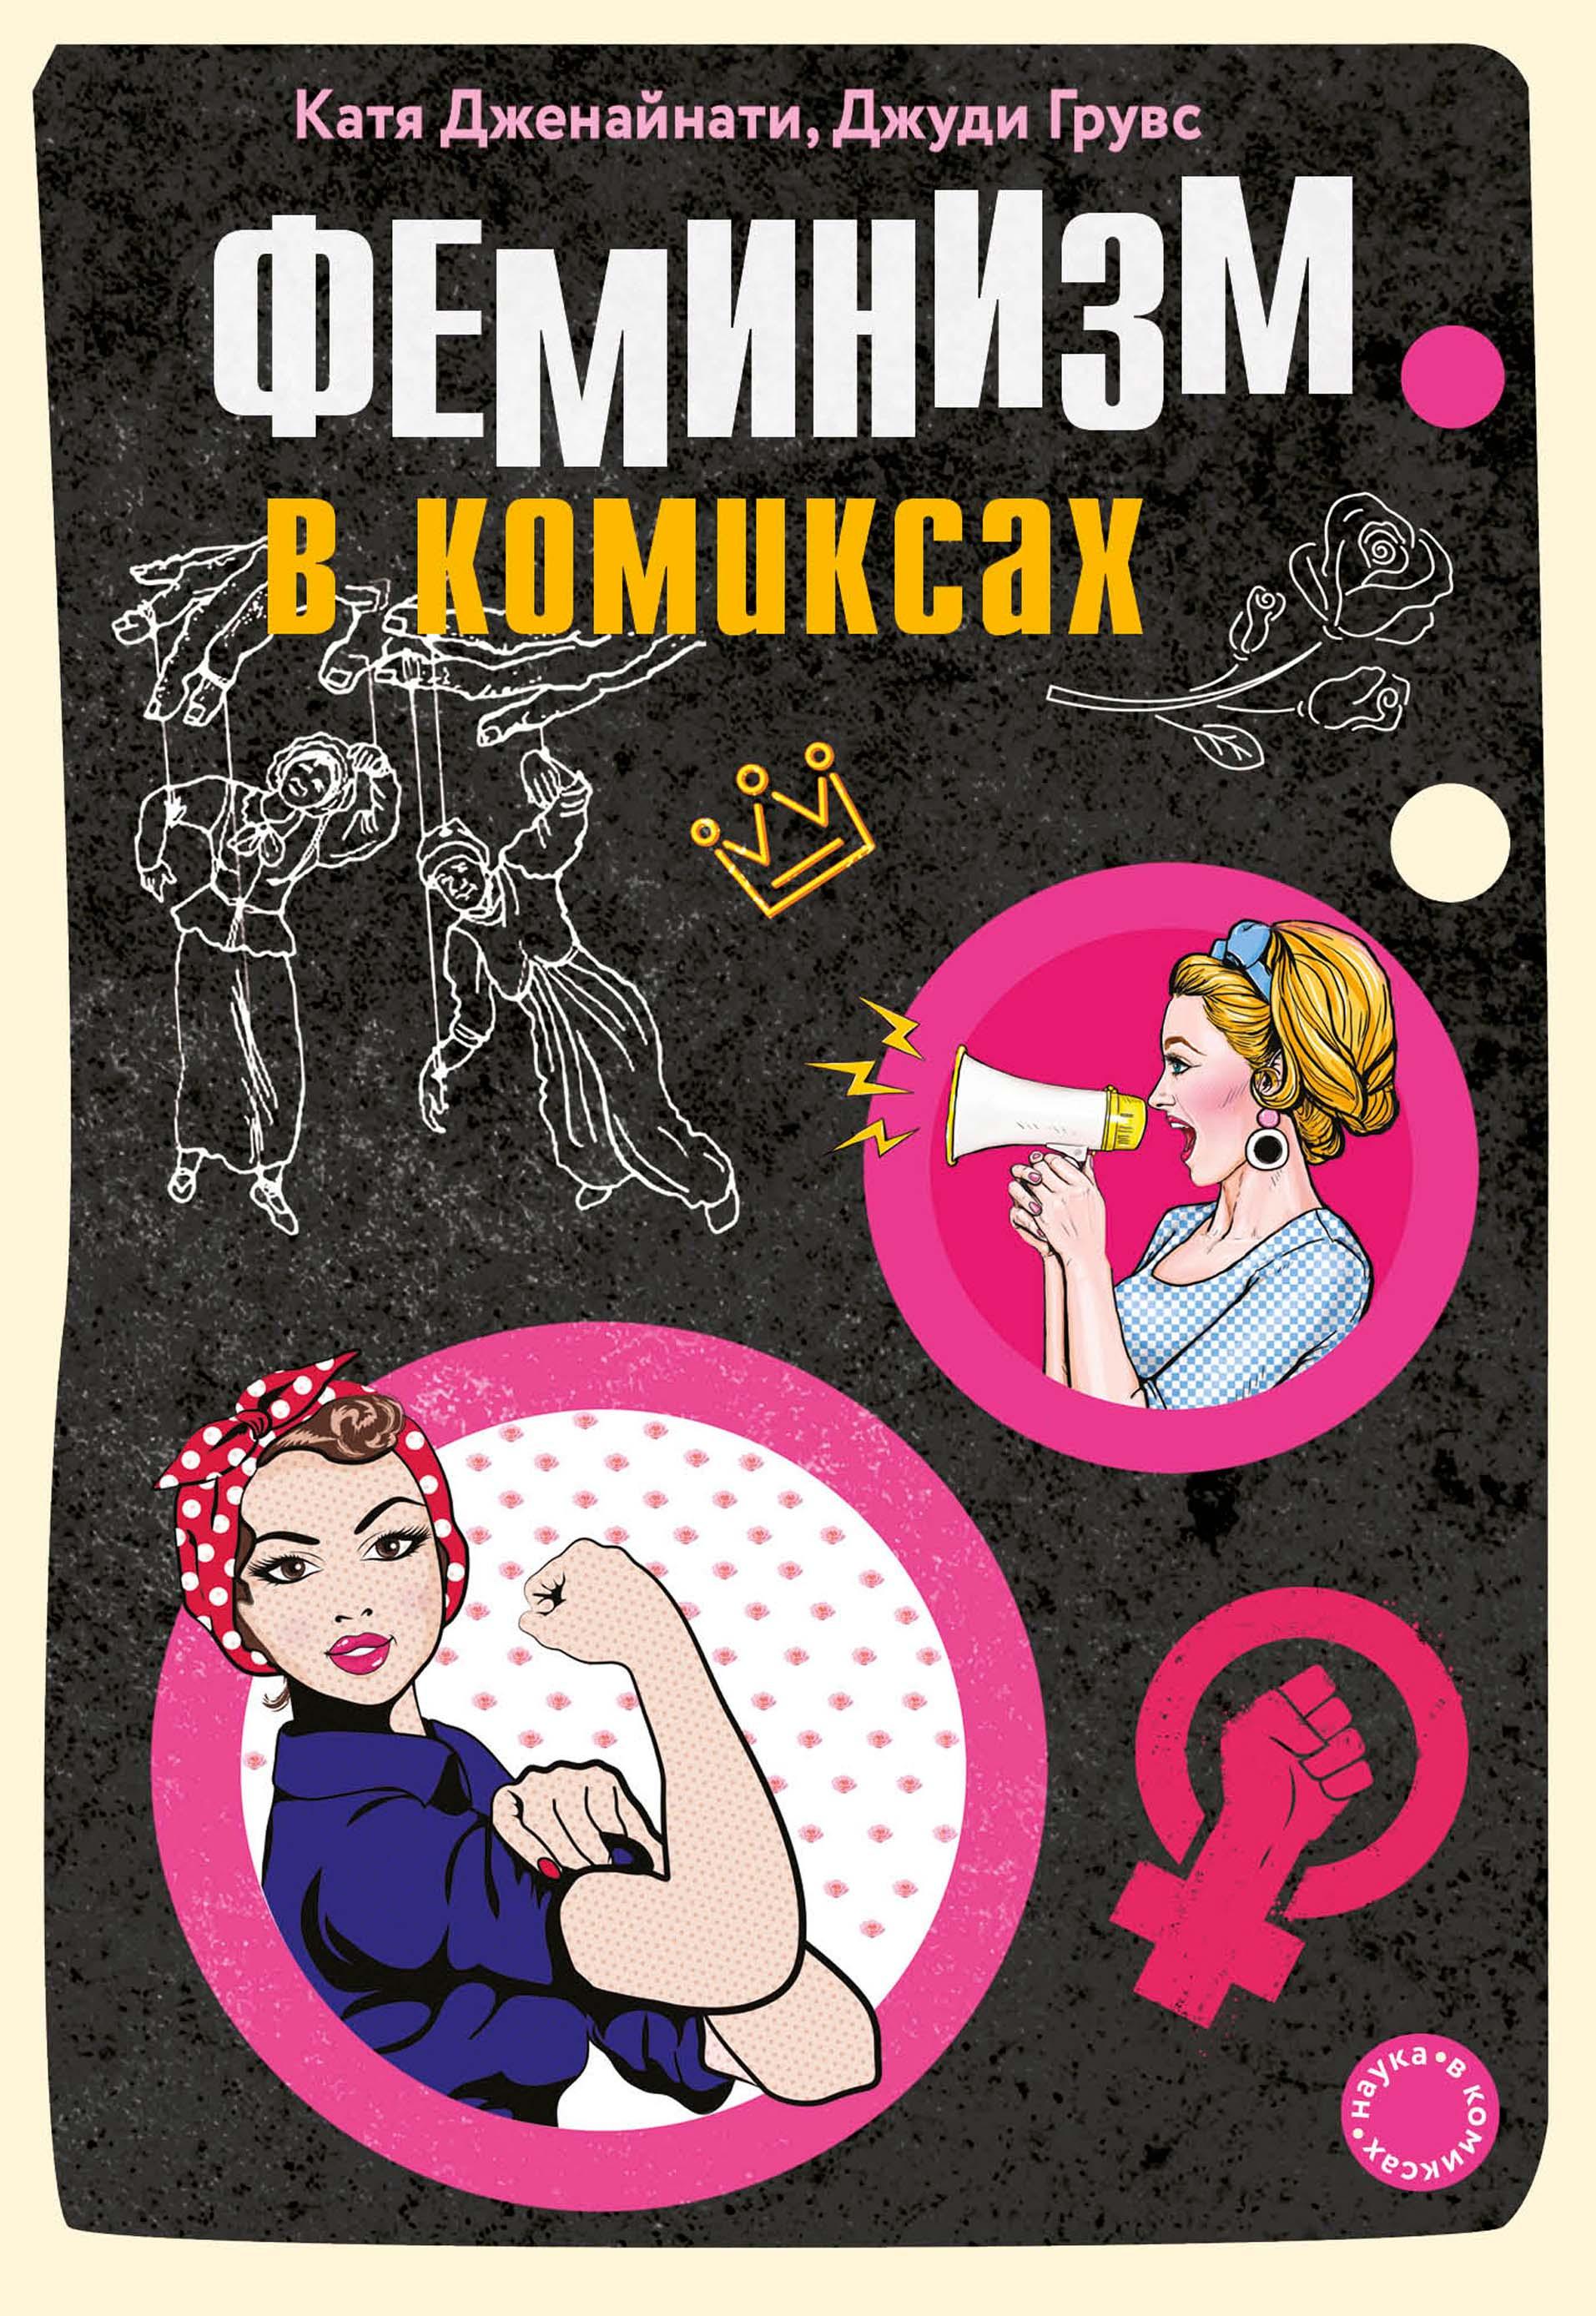 Джуди Грувс Феминизм в комиксах силлов д большая книга по самообороне для мужчин и женщин силовая подготовка бодибилдинг фитнес выживание на улице в тюрьме в обществе